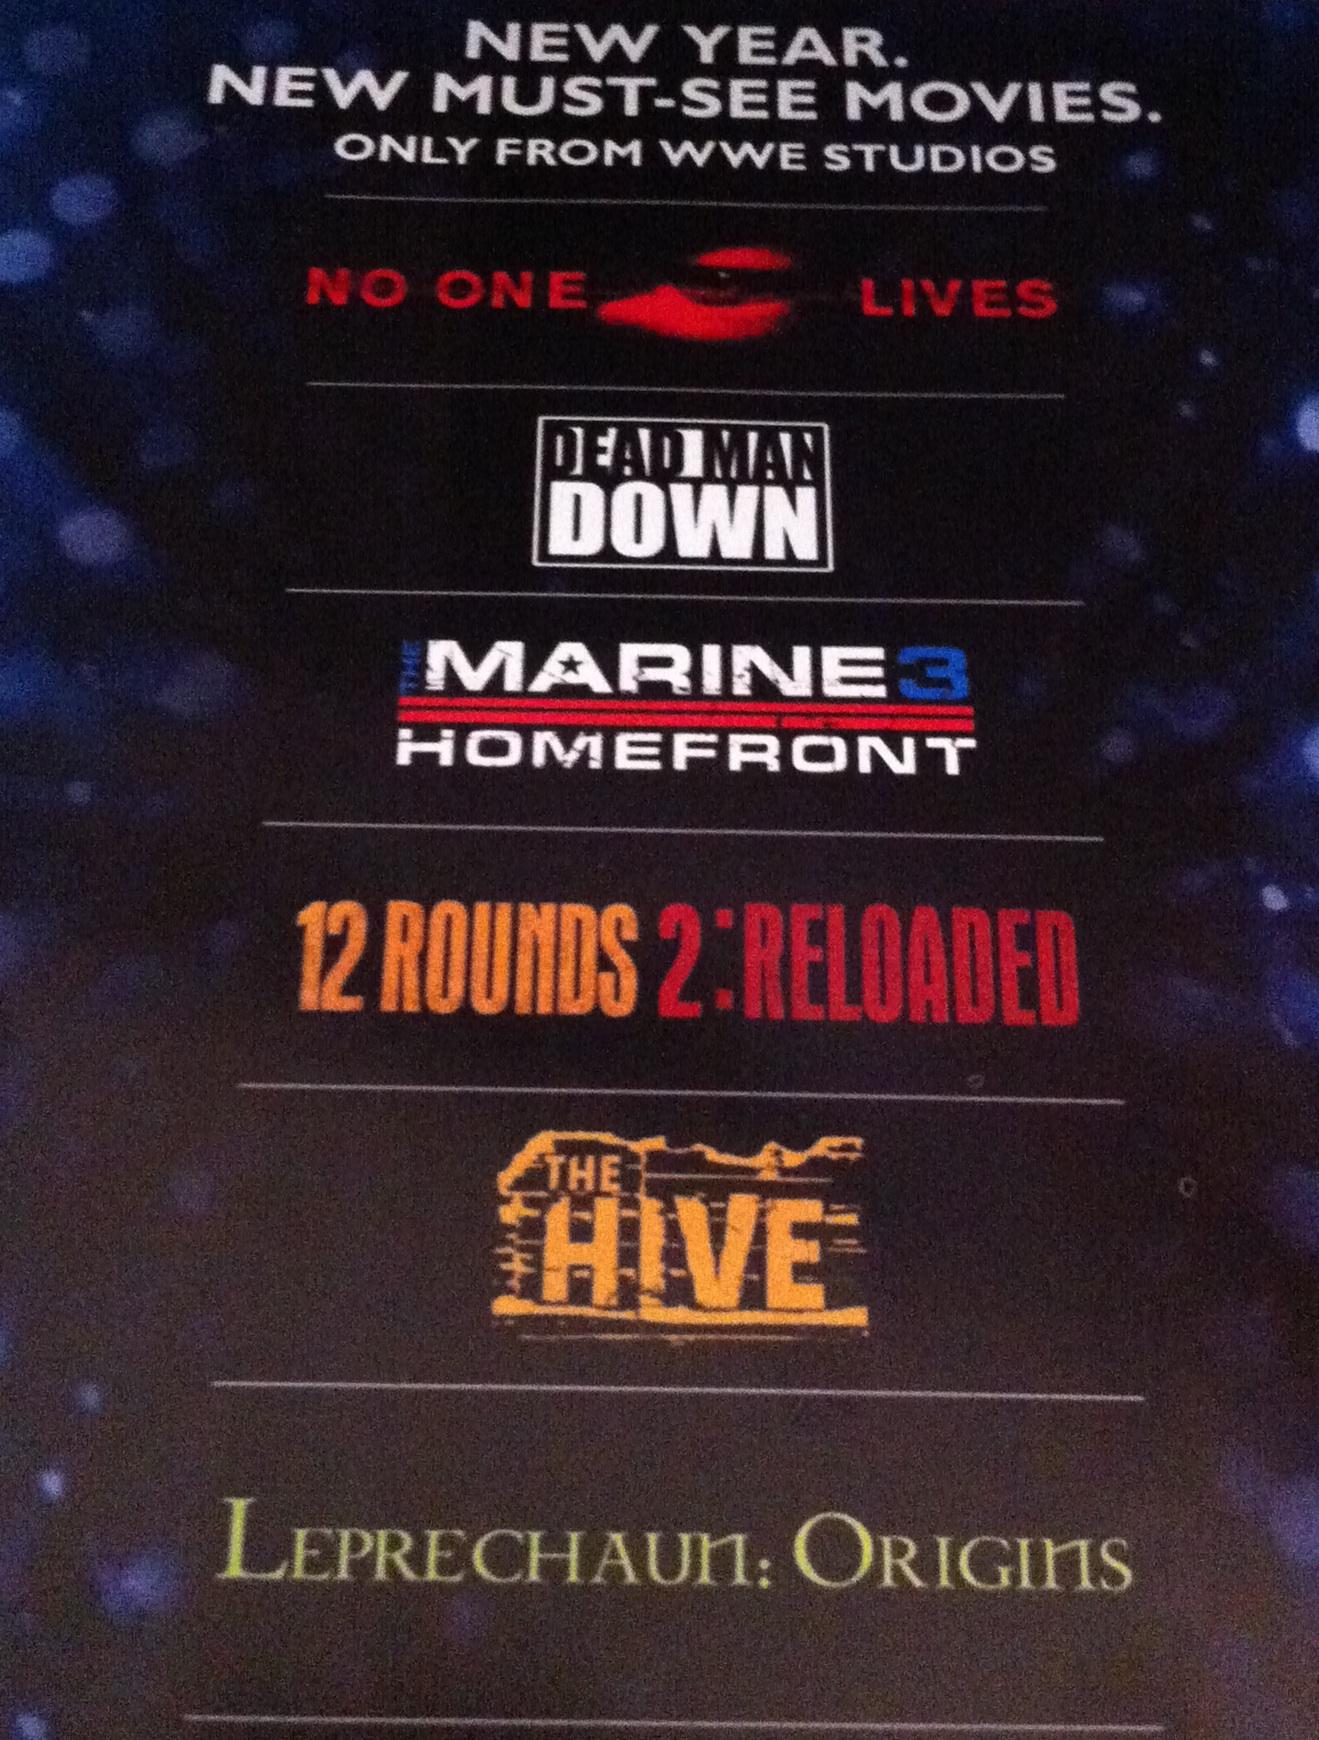 WWEStudios2013.jpg